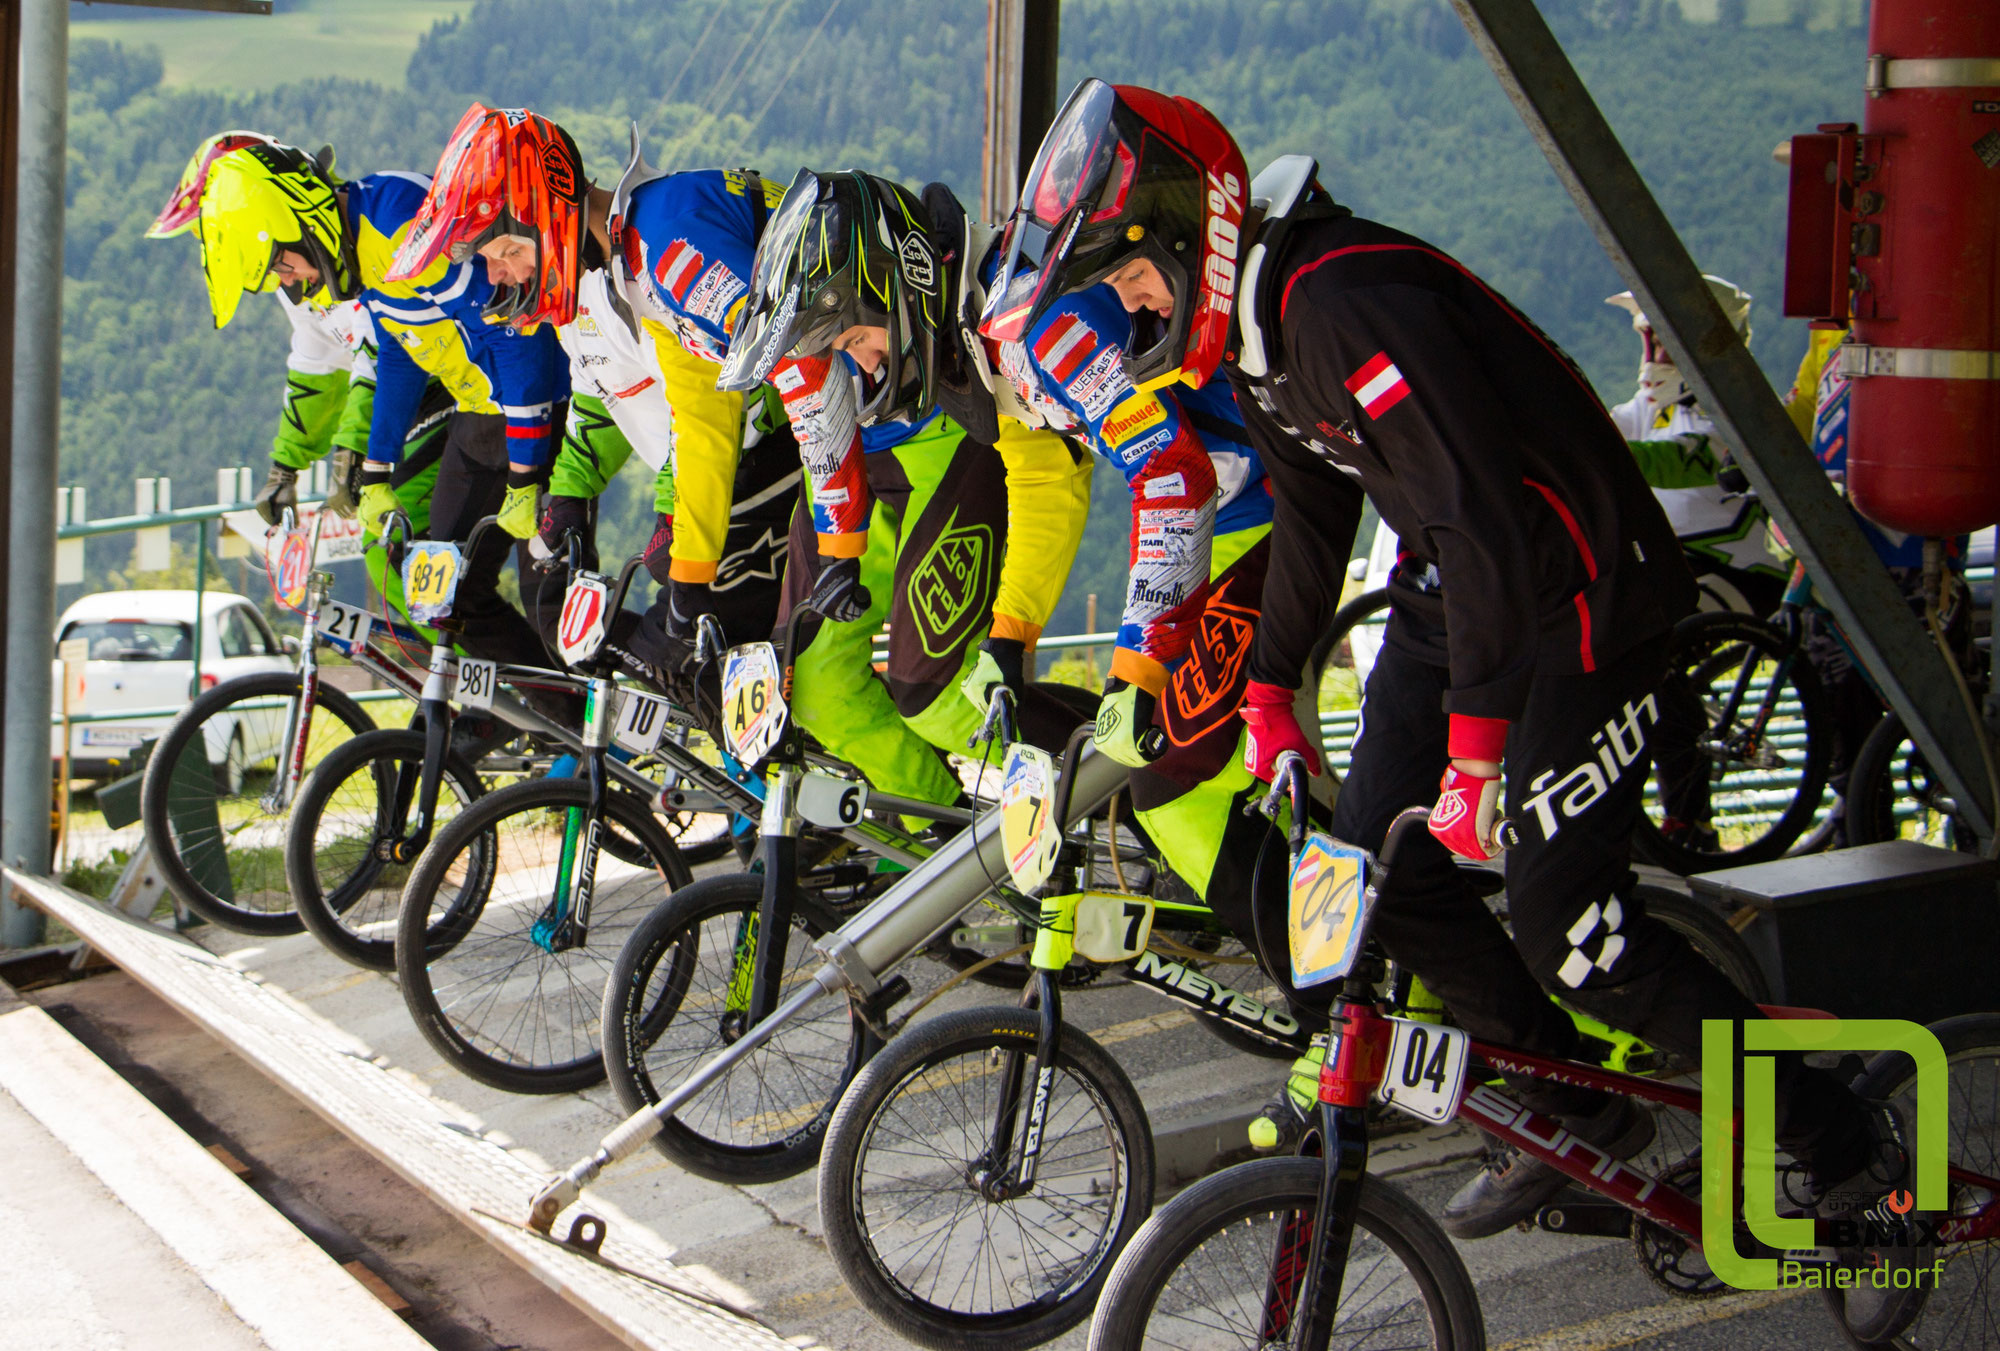 Ersatztermin BMX Rennen Baierdorf - 24 und 25 Juli